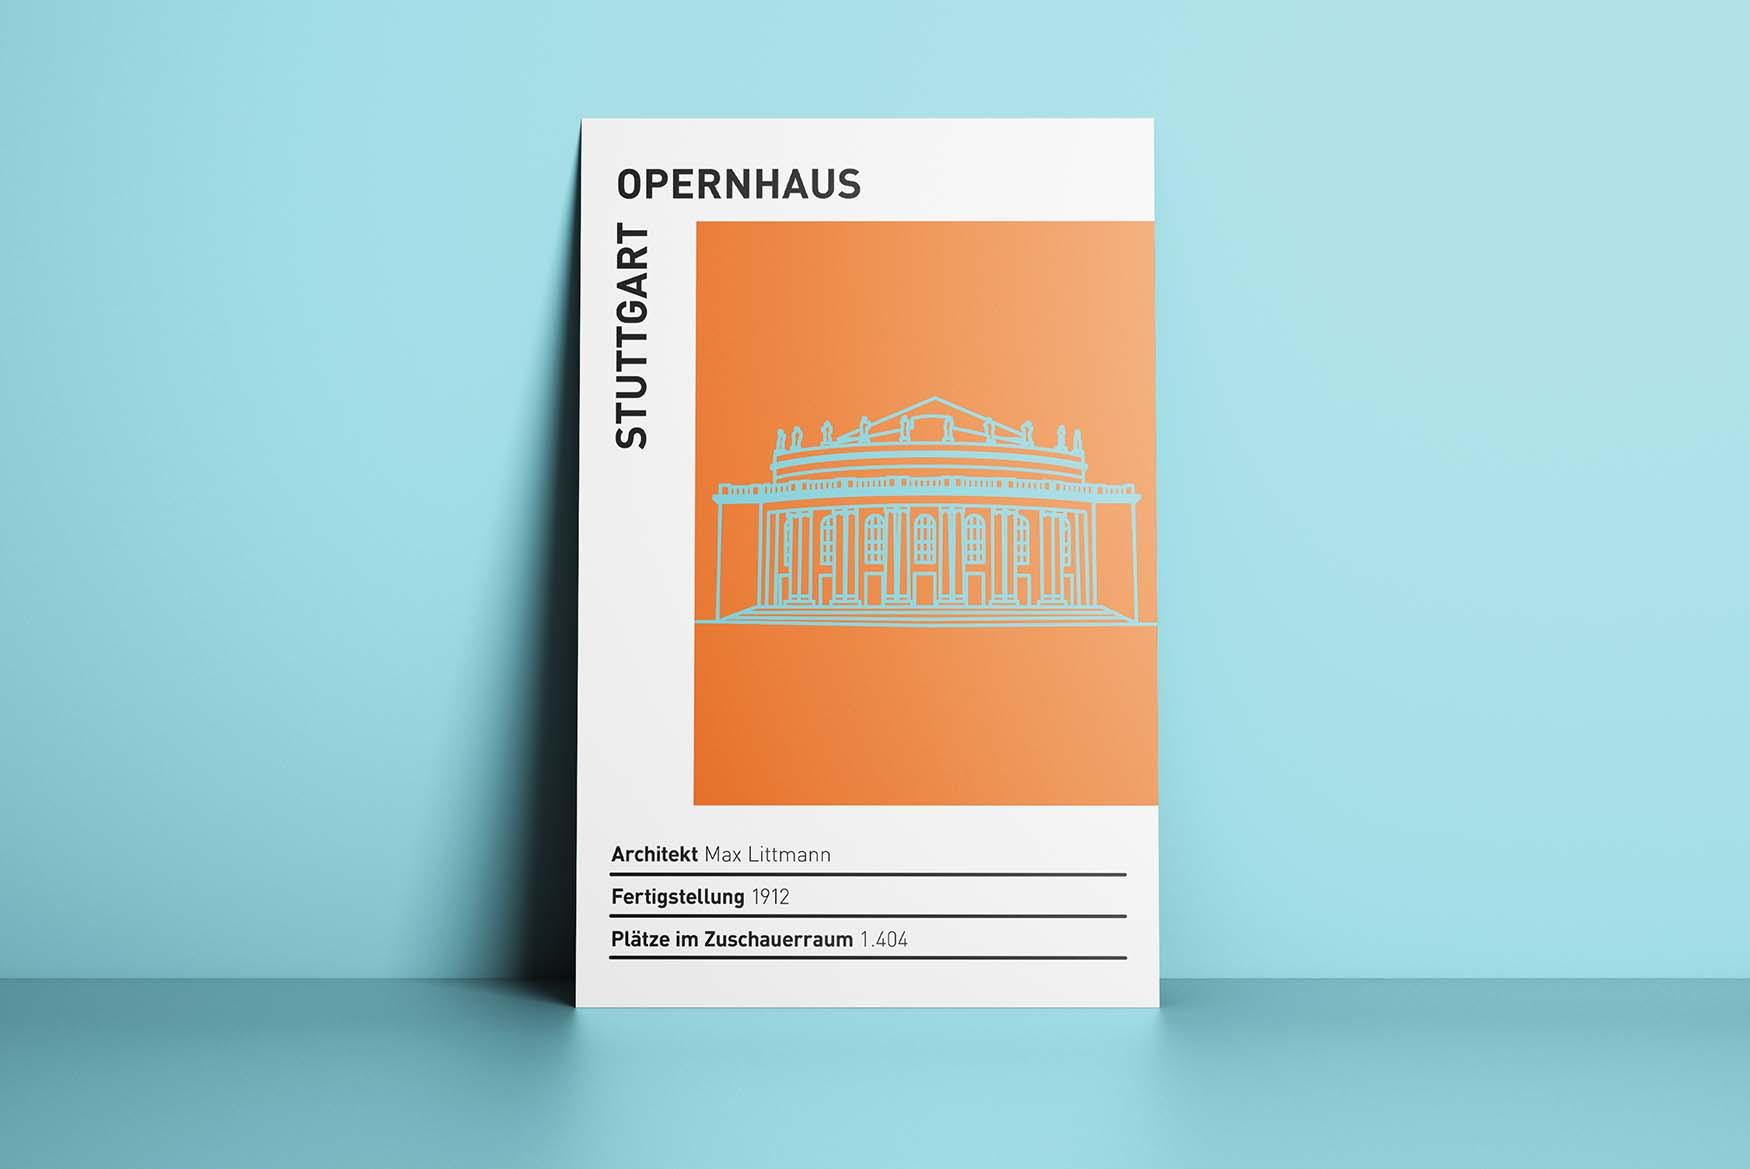 Kreativbetrieb-Designagentur-Architektur-Stuttgart-6